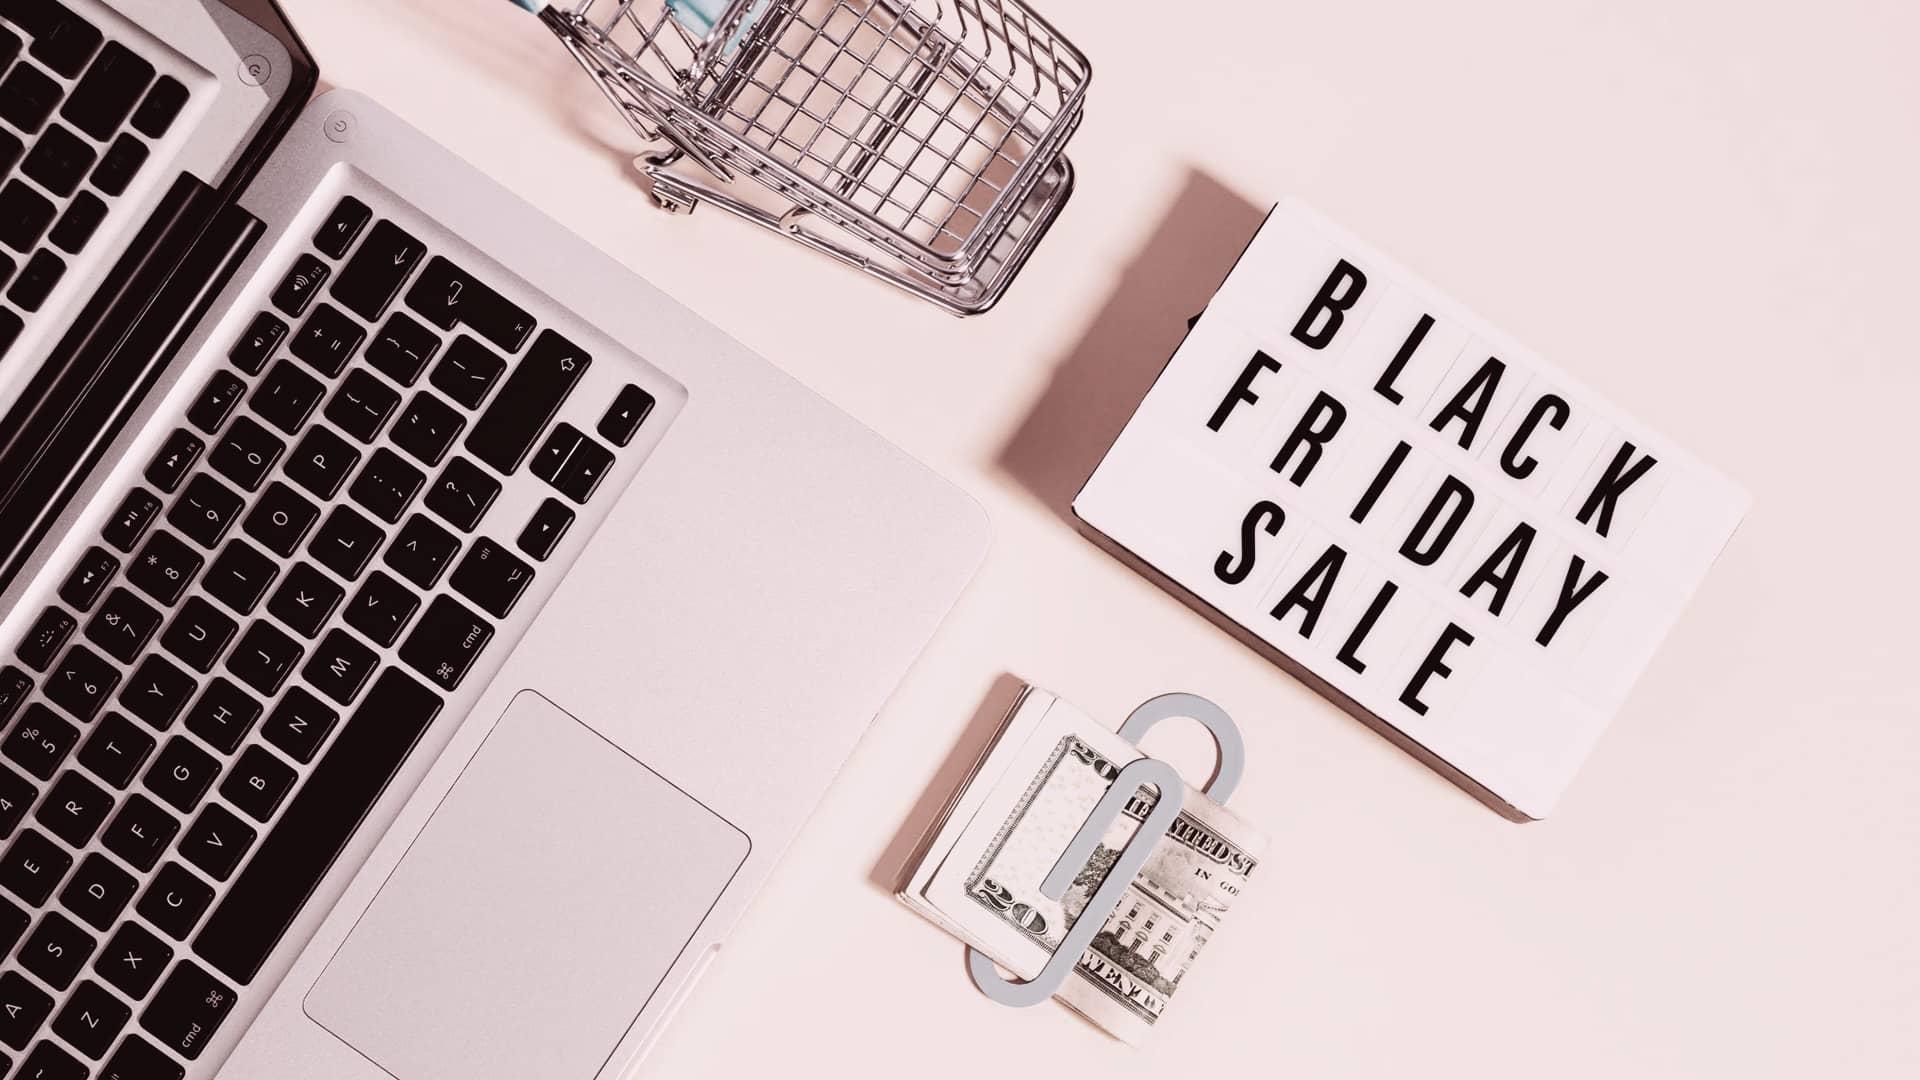 Los ecommerce creen que Black Friday adelantará la campaña de Navidad